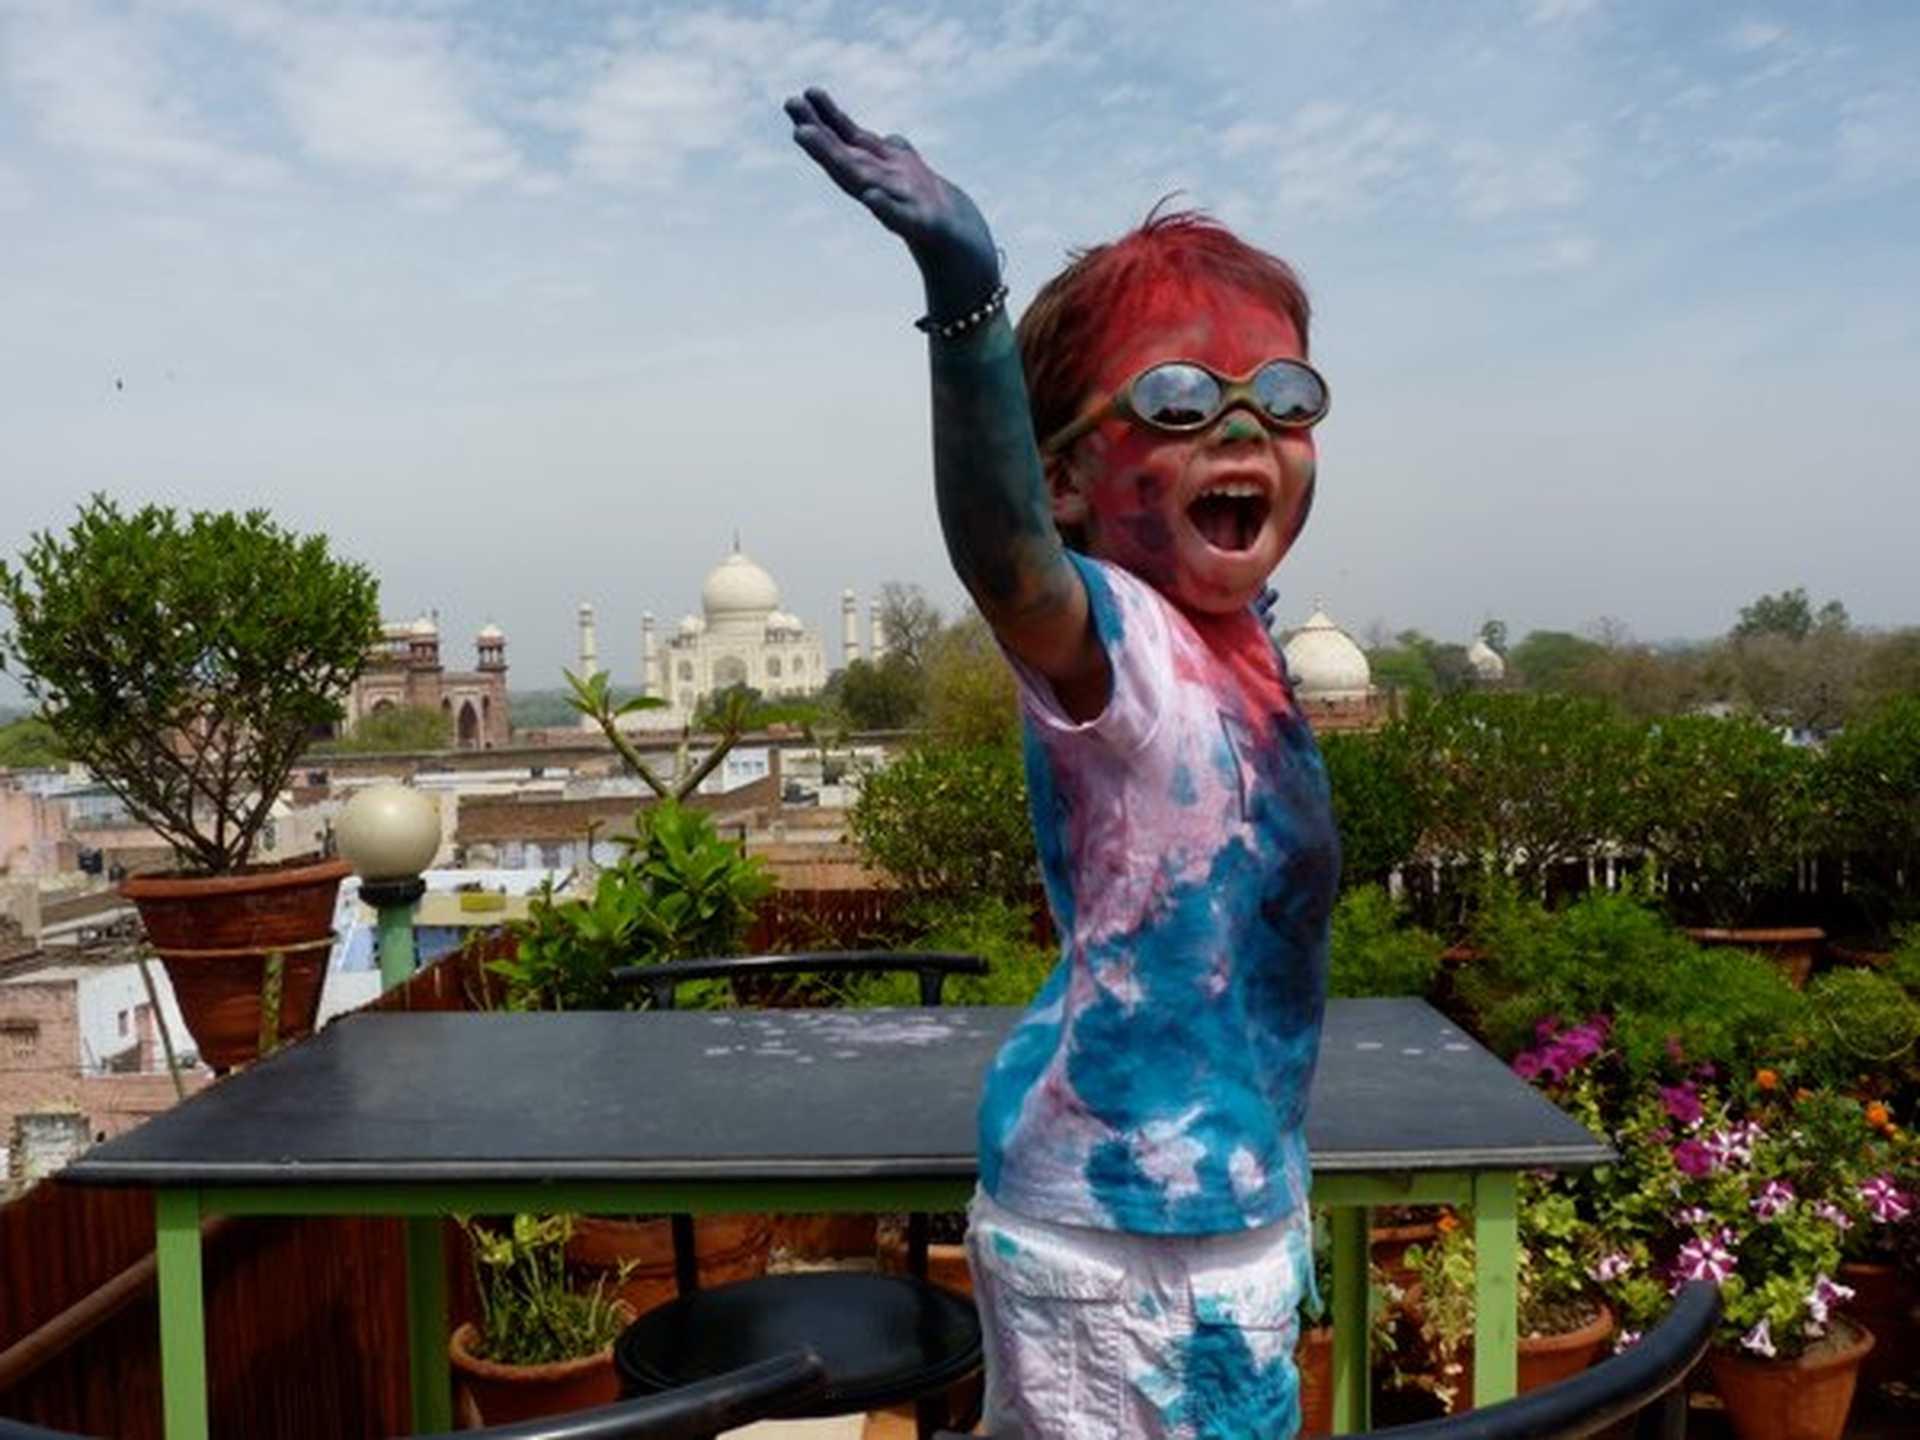 Enfant en Inde avec plein de couleurs lors du festival Holi